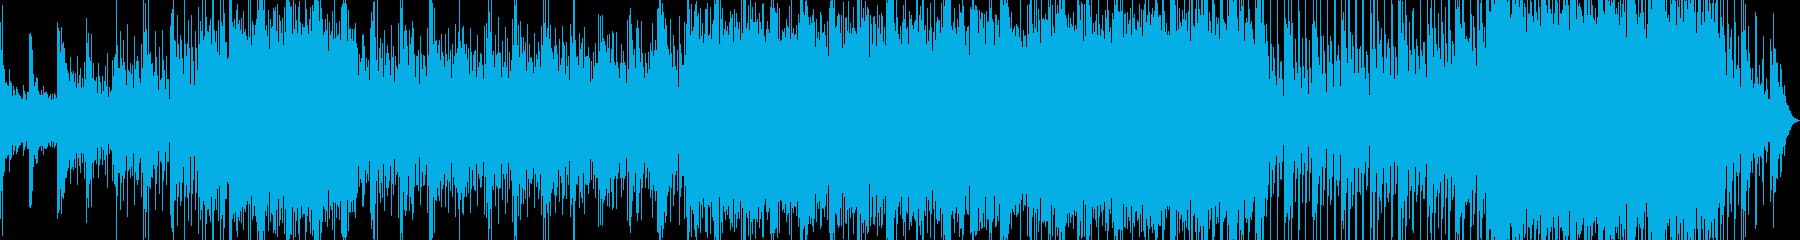 映像水透明テクノBGMキラpop企業VPの再生済みの波形